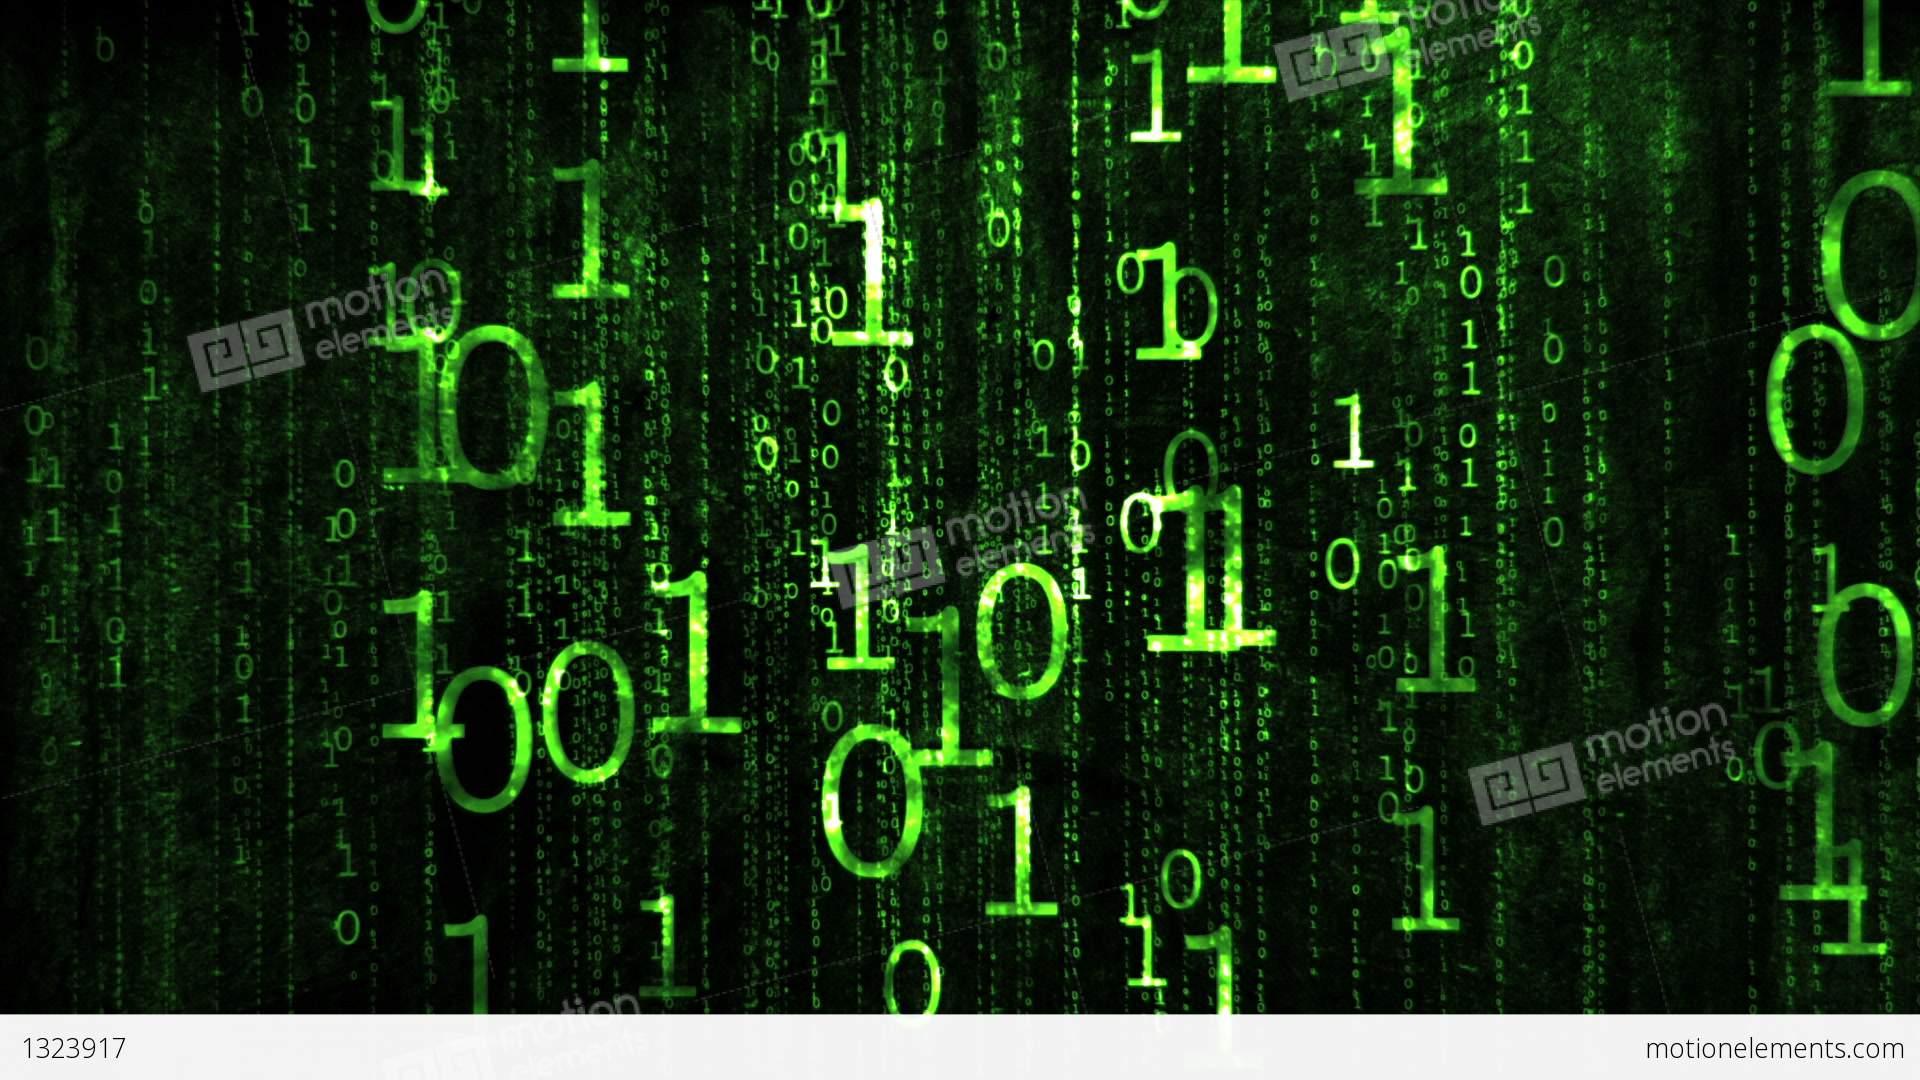 Finanz handel mit binarer optionen